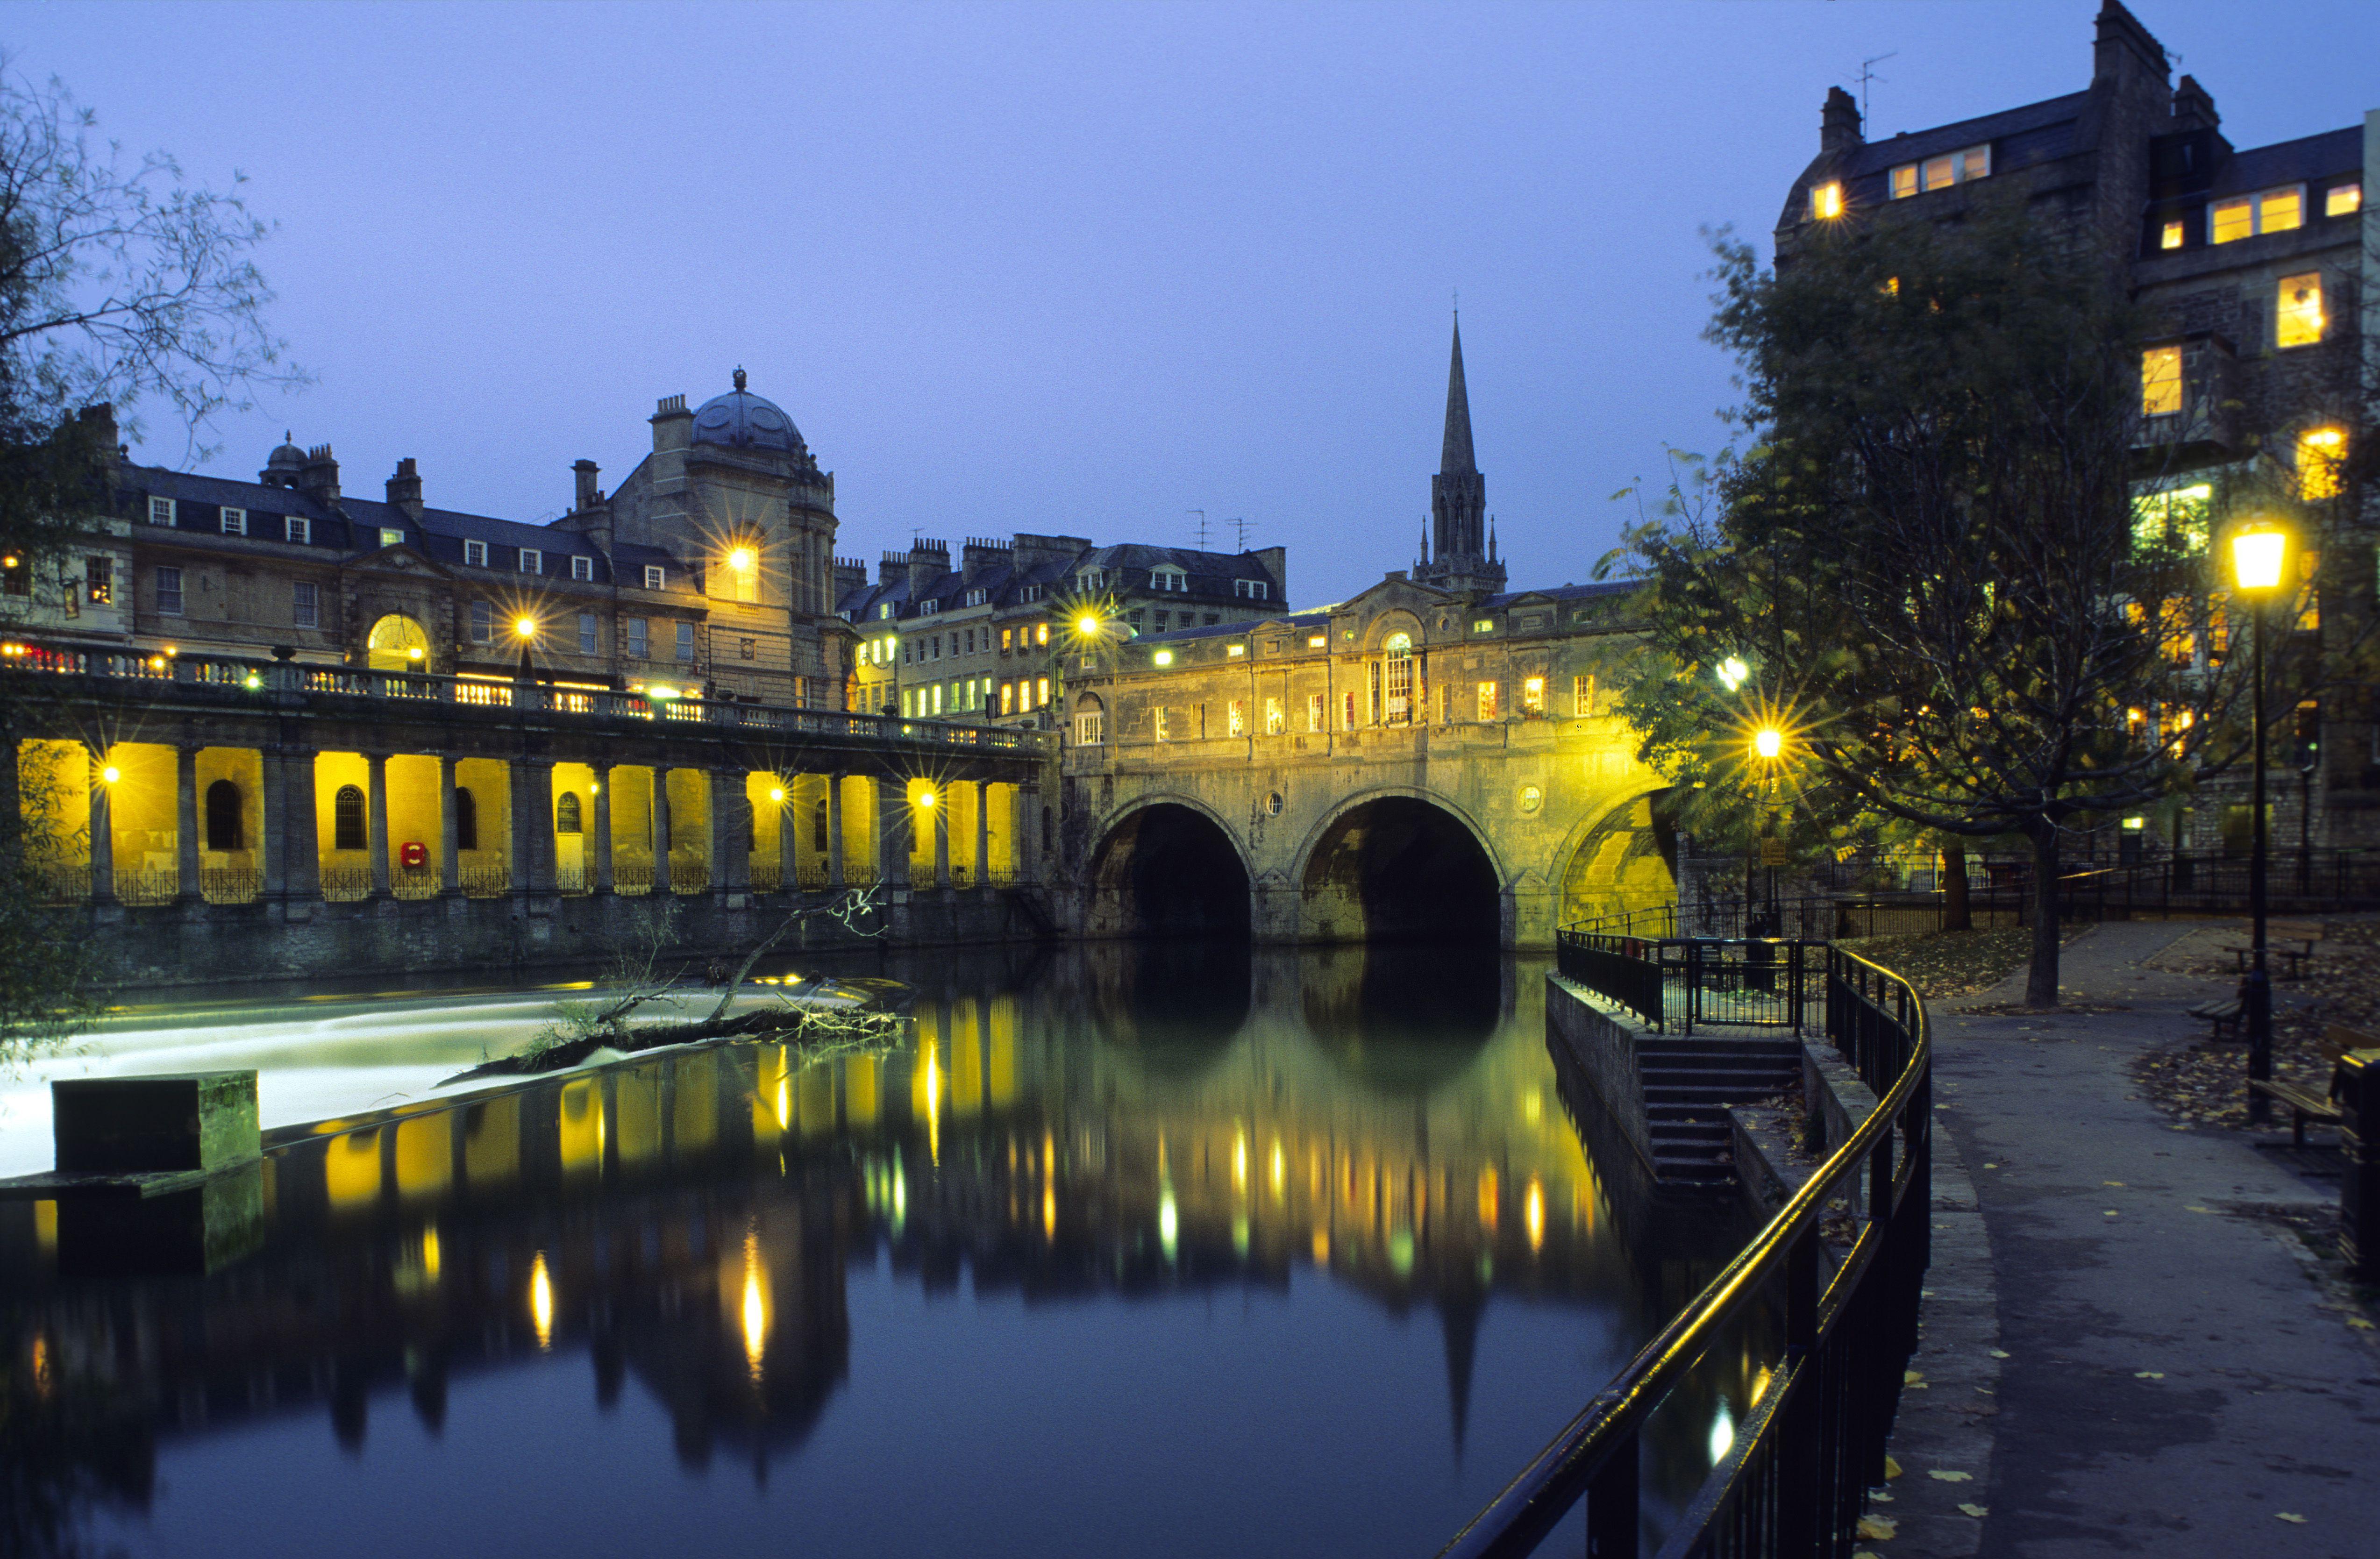 Europe, England, Avon, Bath, Pulteney bridge